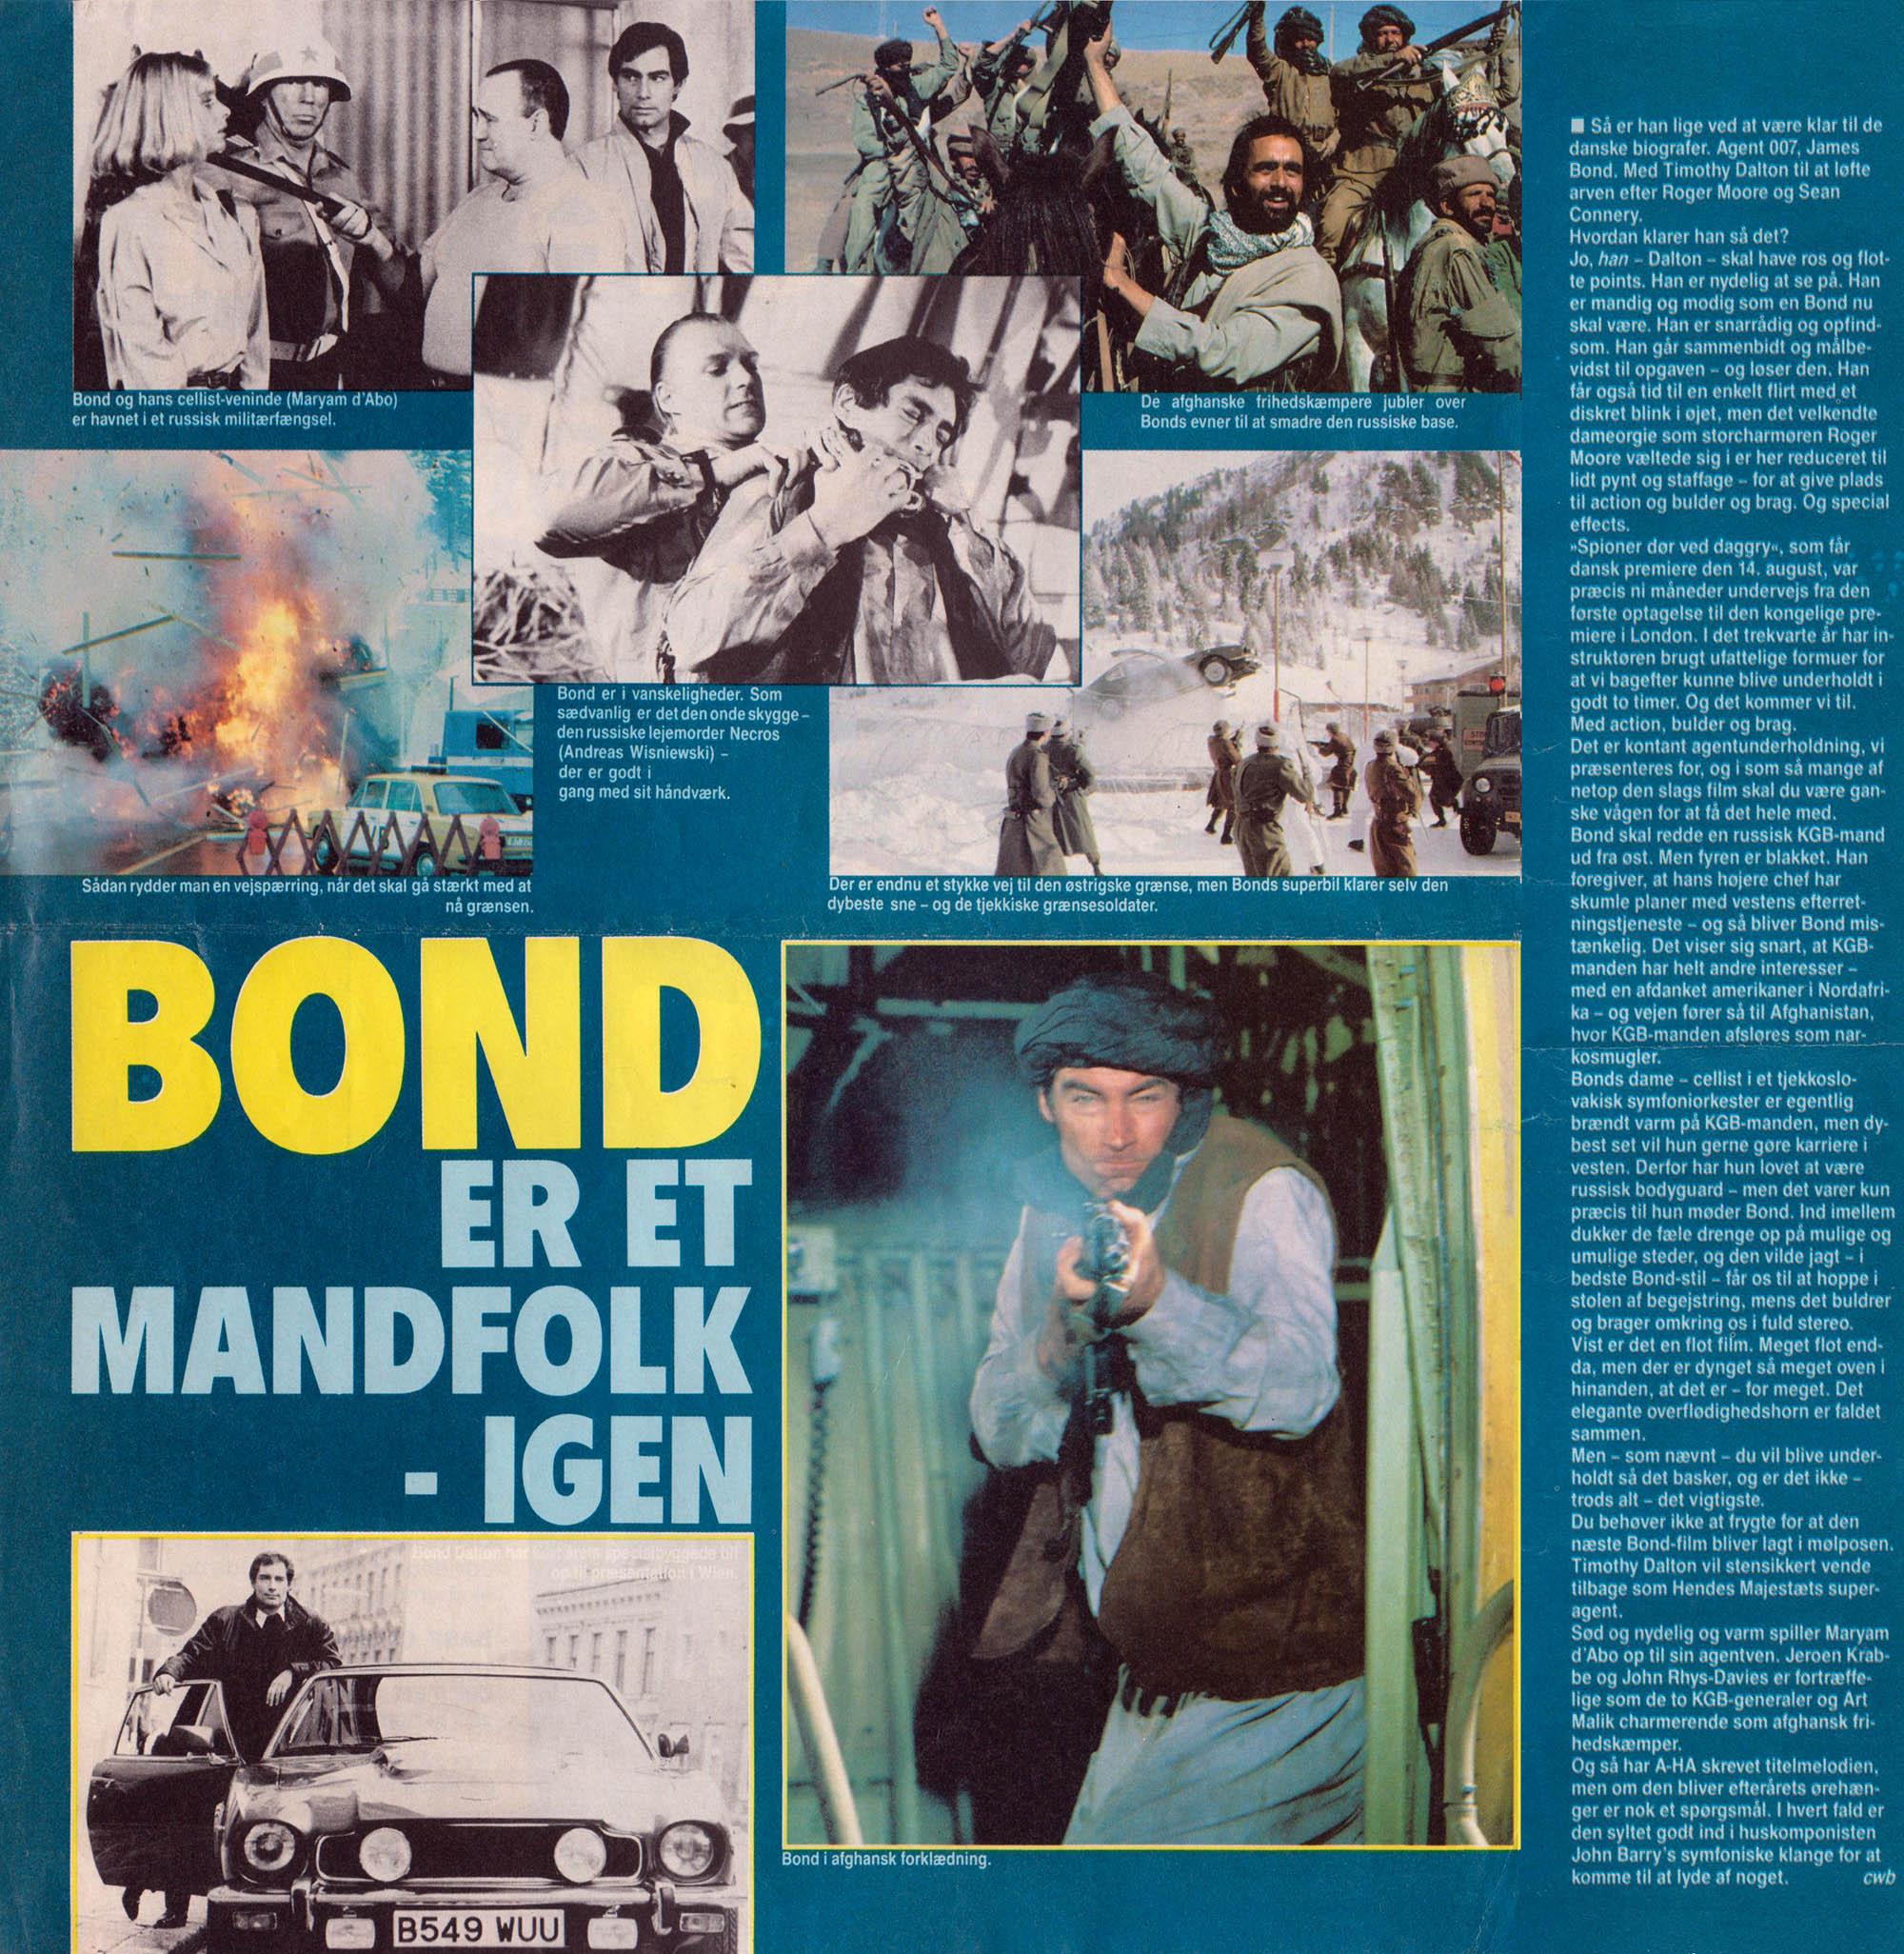 Spioner dør ved daggry - Vi Unge 8/1987 anmeldelse